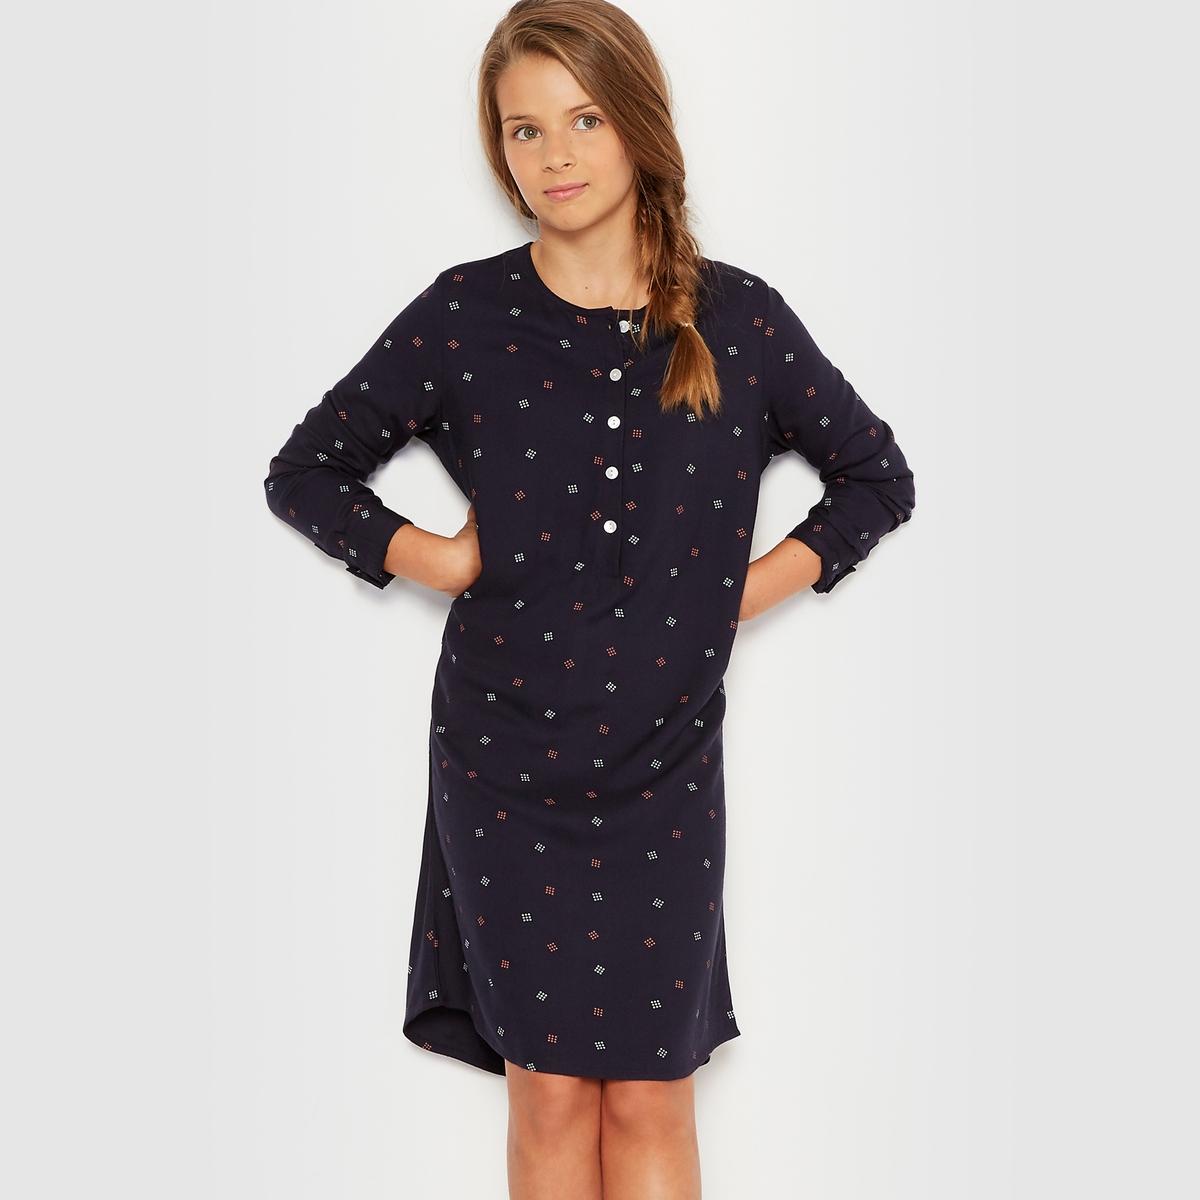 Платье-рубашка с рисунком 10-16 лет